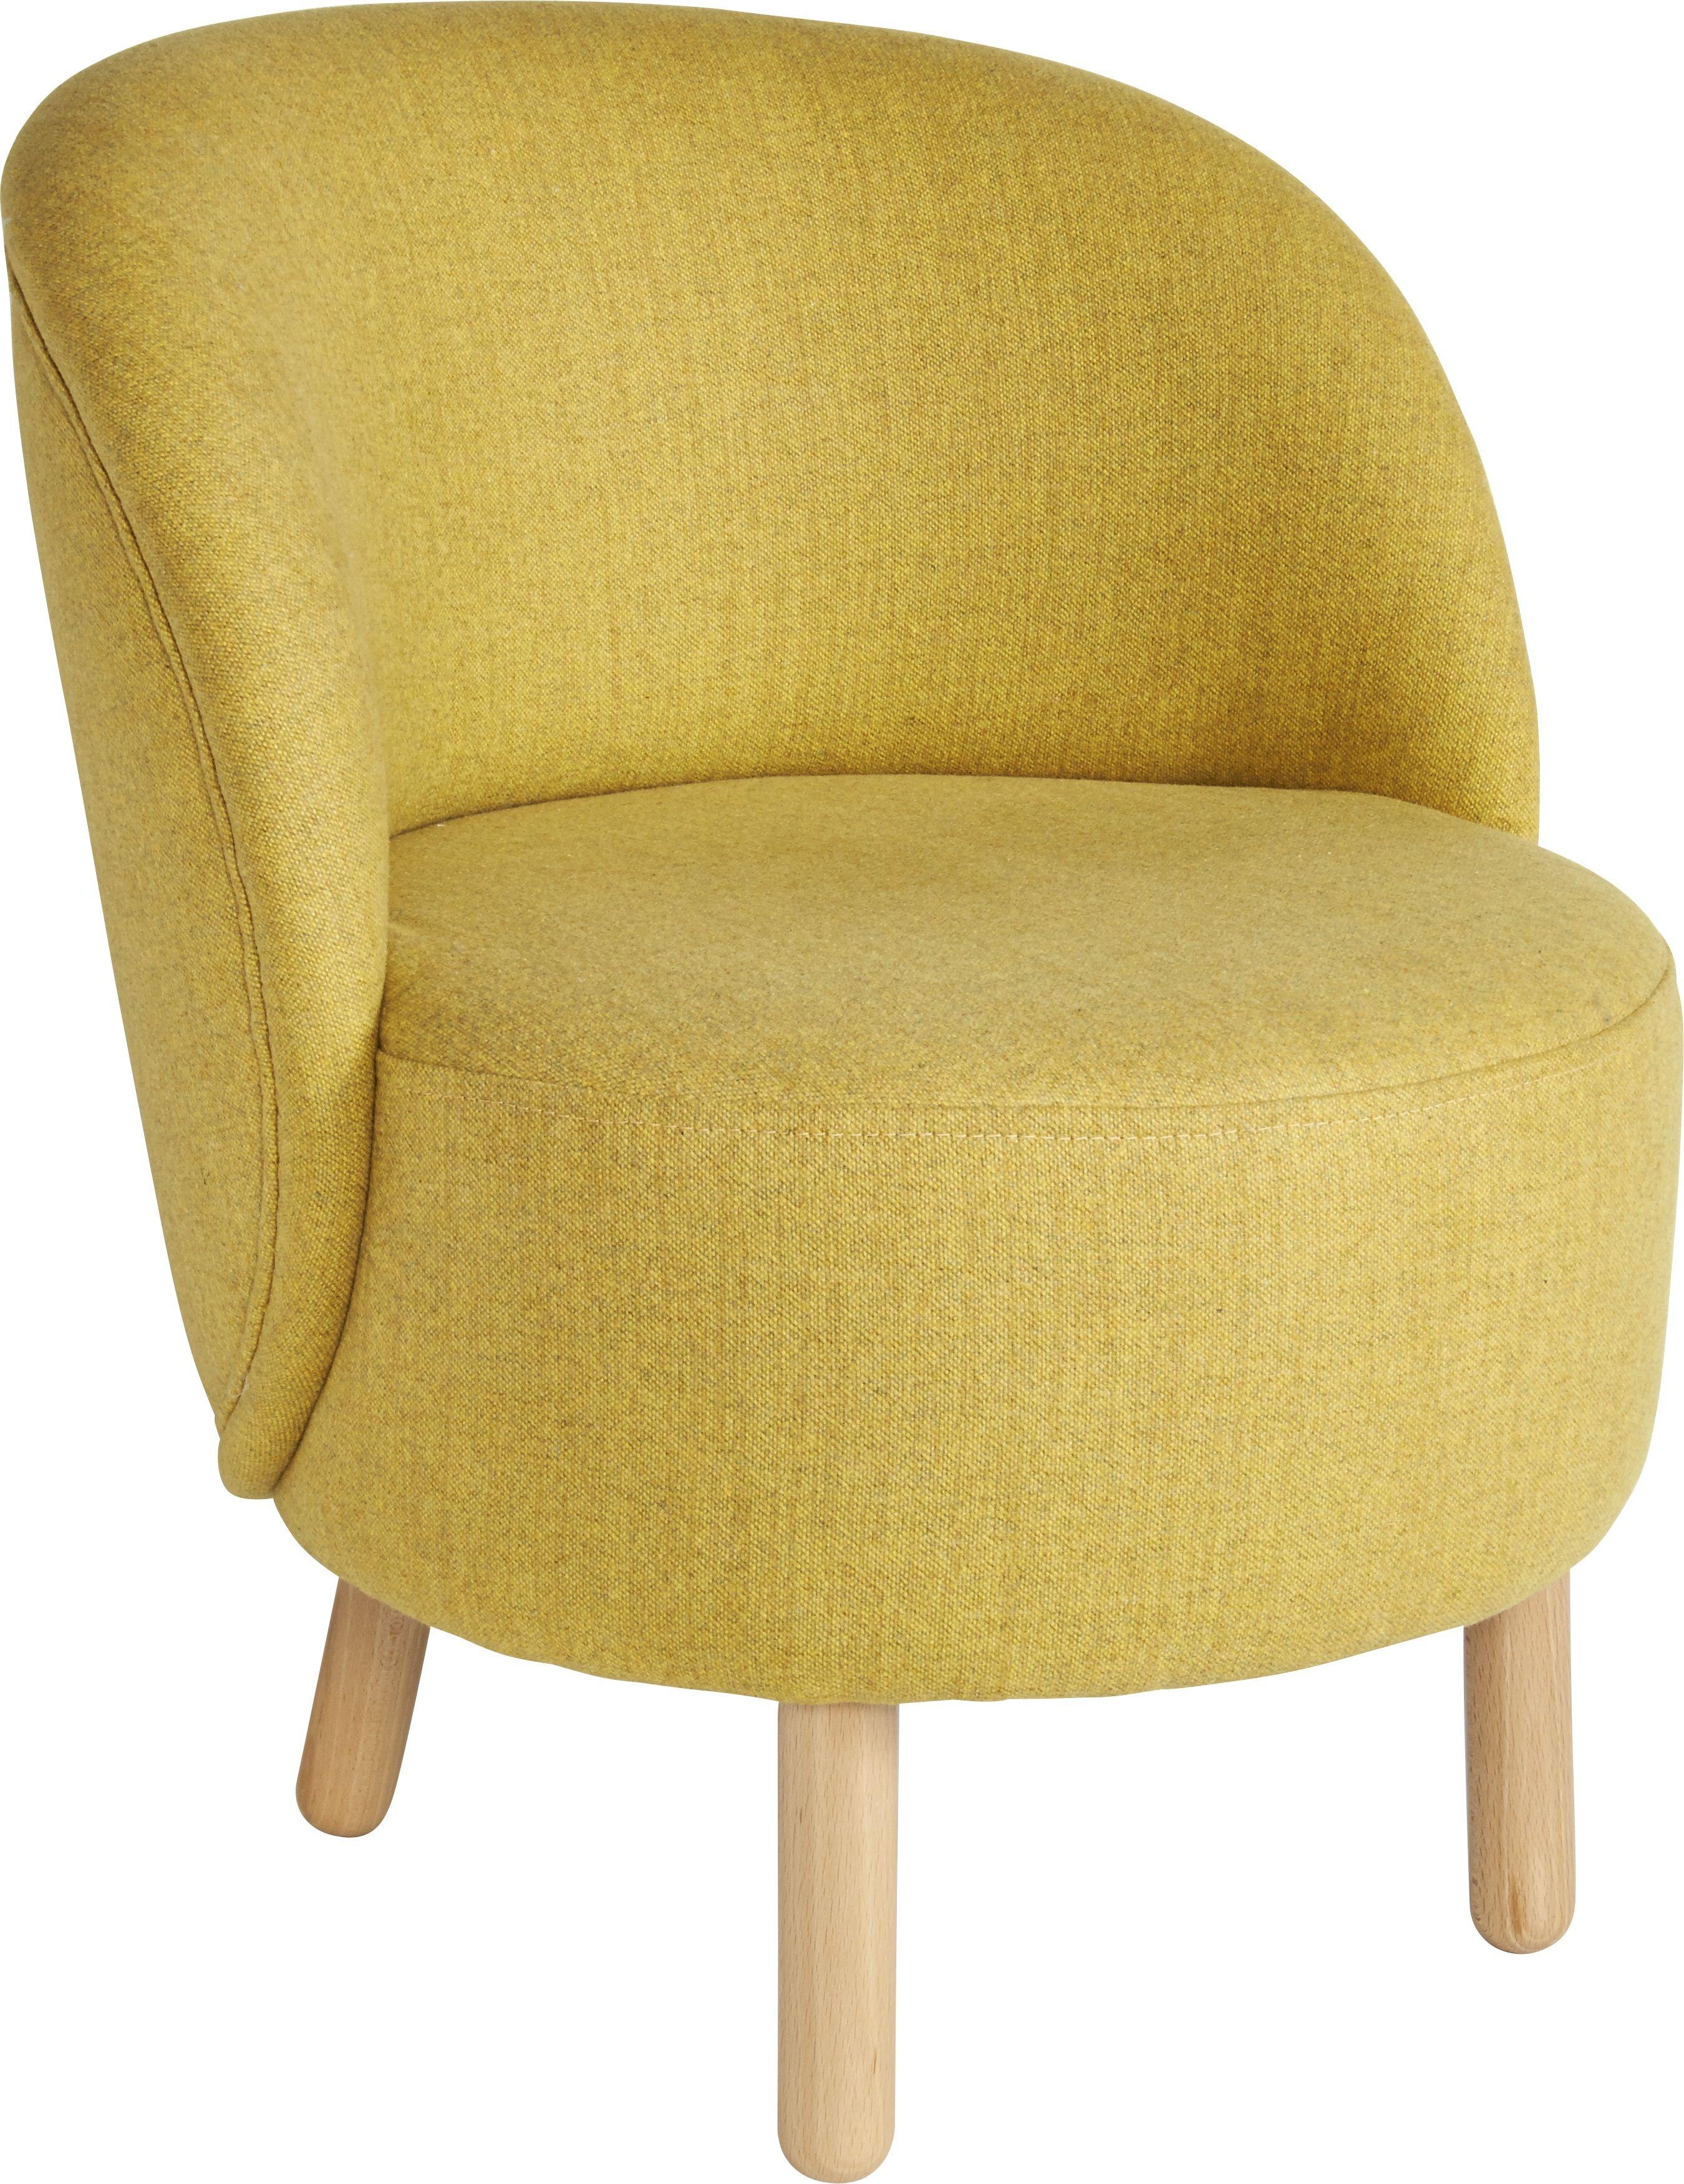 Bold stol - lekker og liten! Designet av Studio Habitat 2013. Finnes i seks farger. Dimensjoner: L59 x H73 x D53cm. Kr. 3180,-